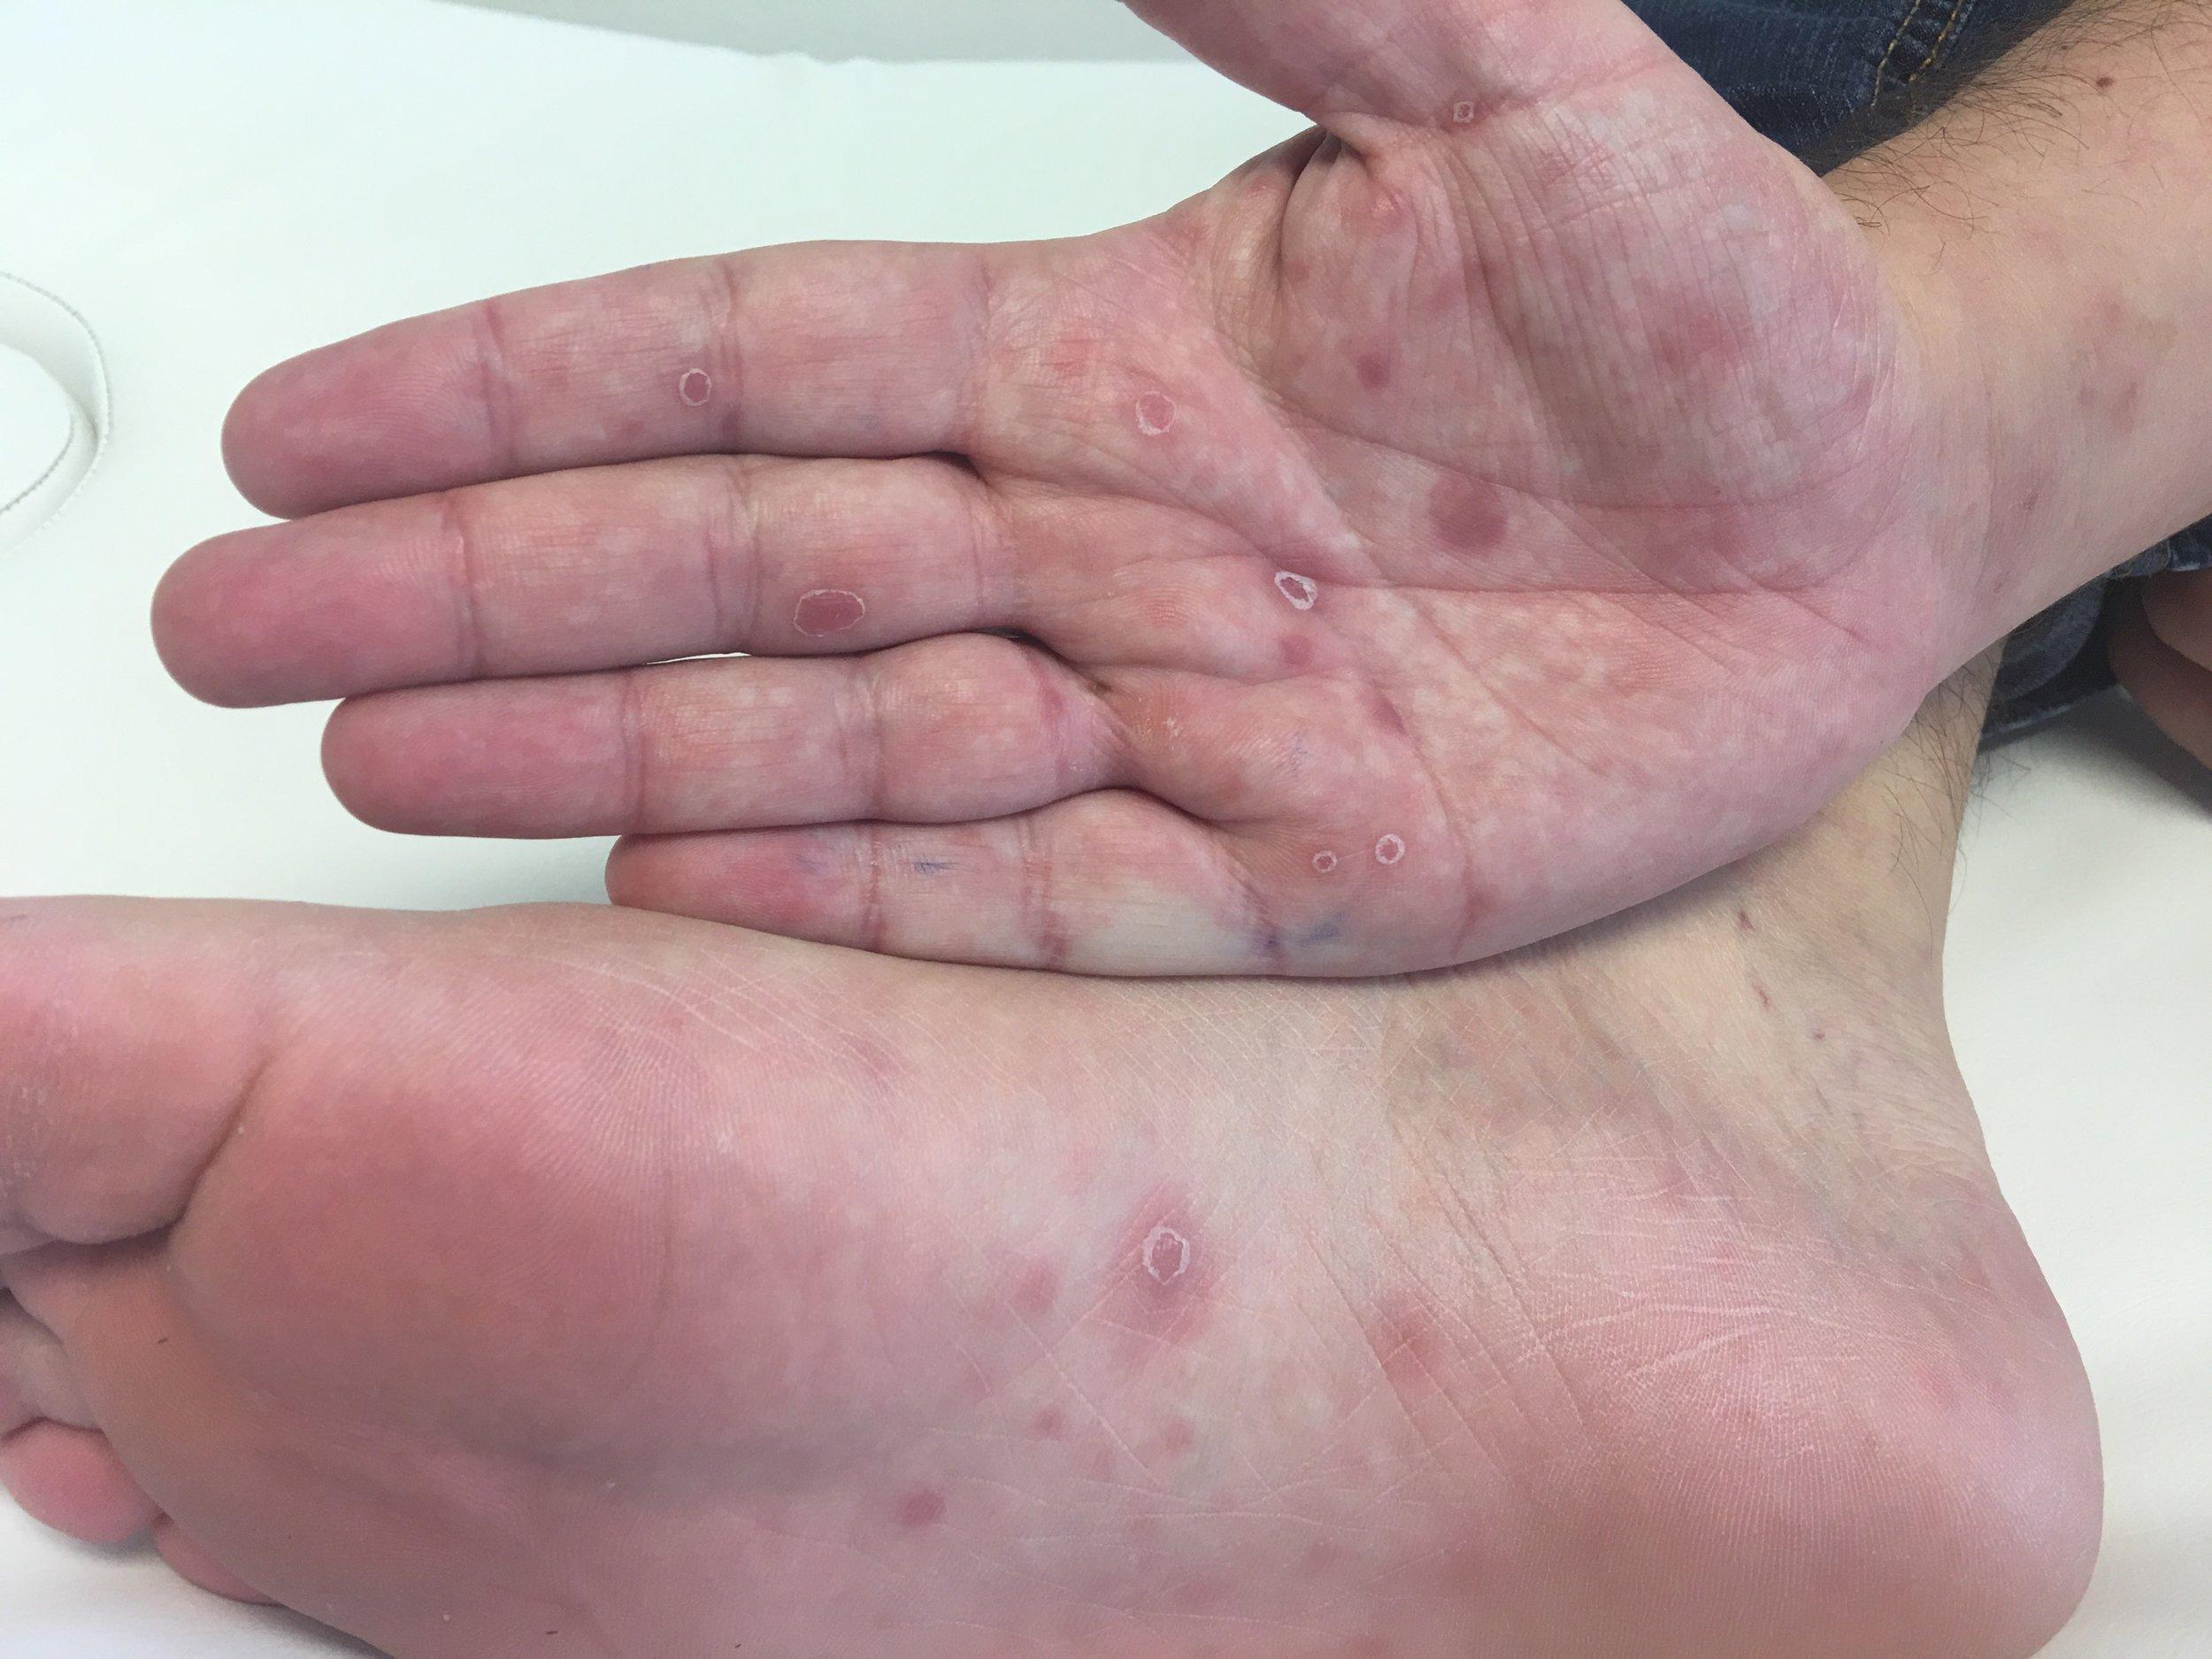 Lesões palmas de mãos e plantares características de sífilis secundária.